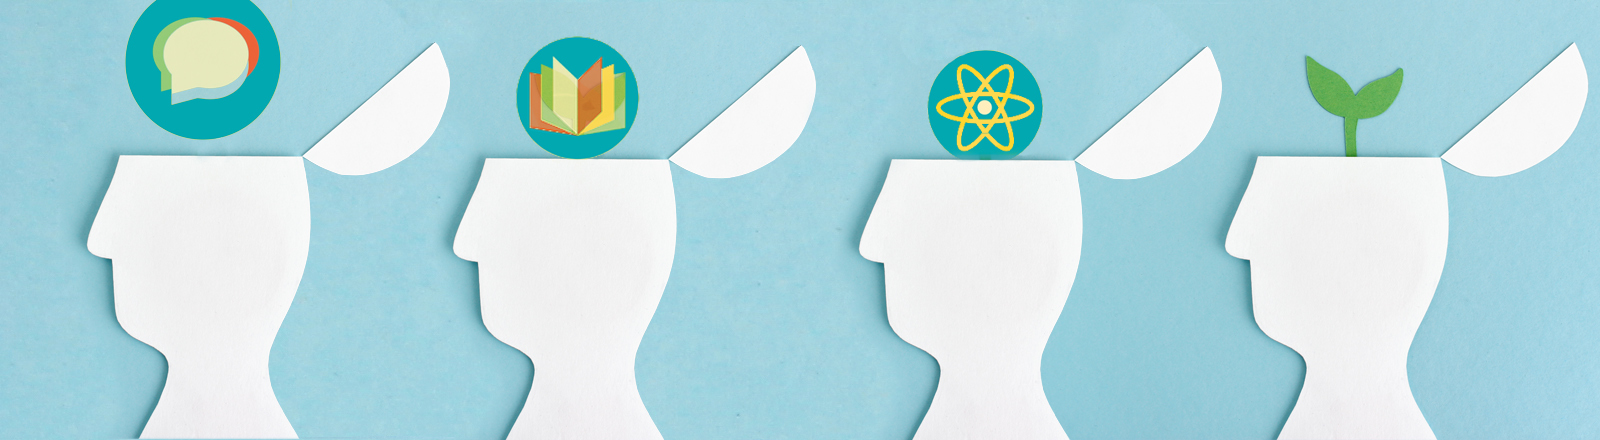 Grafisches Themenbild für Open Science: Wissen in Köpfen